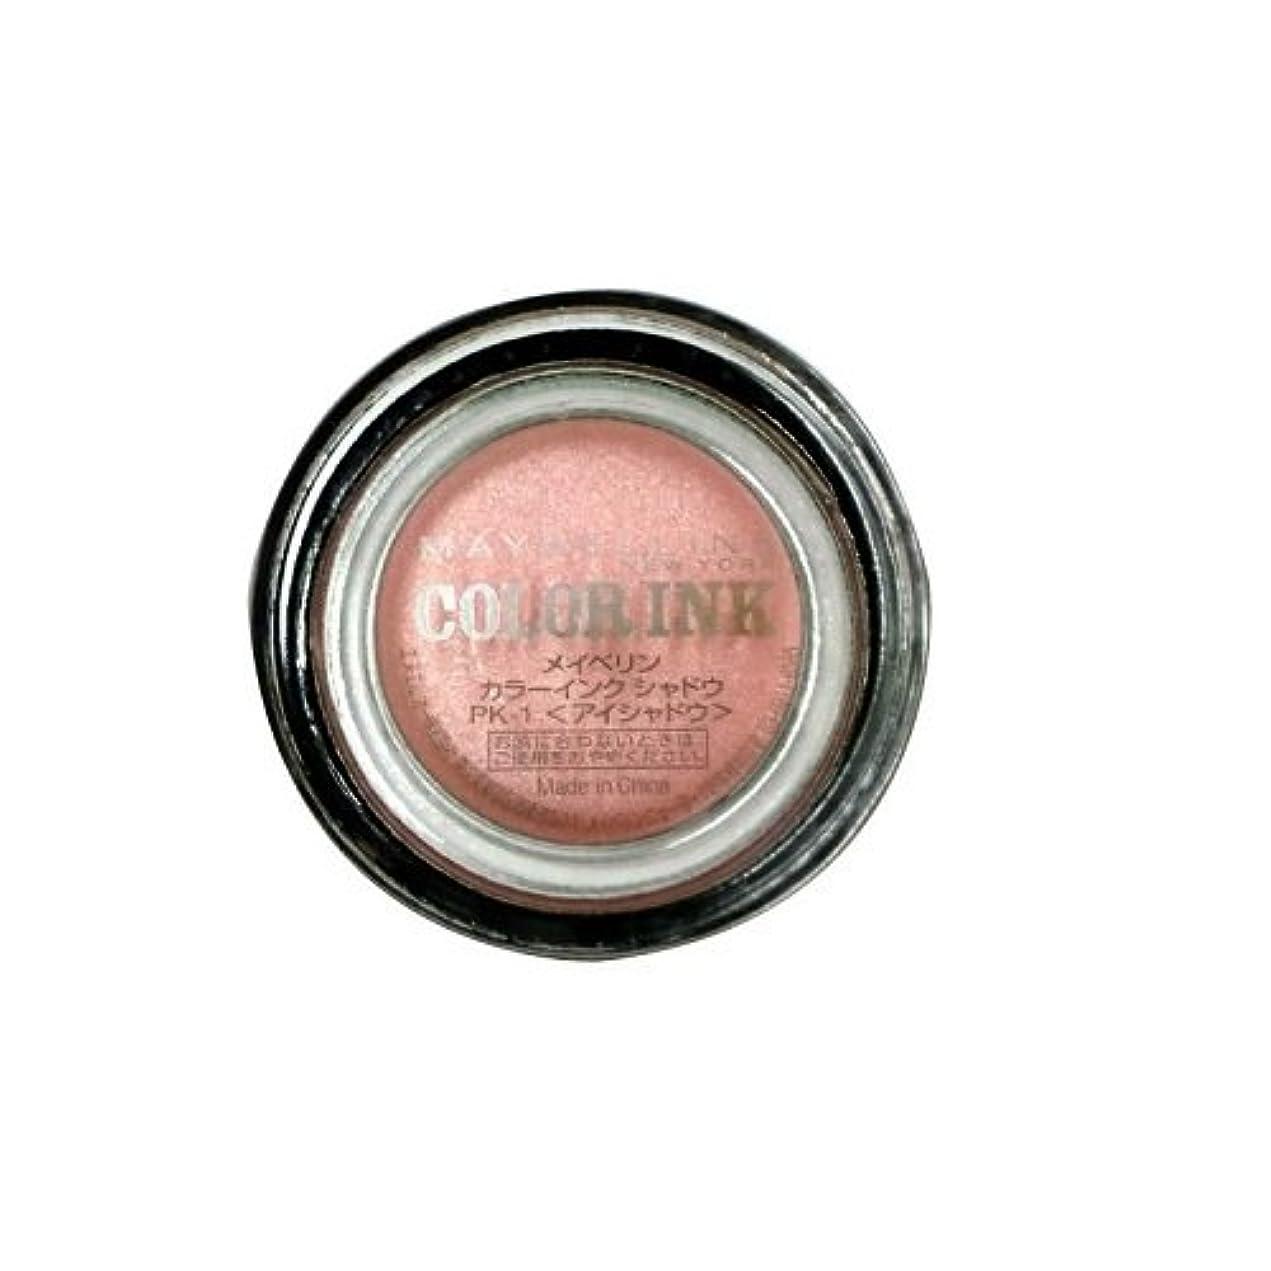 シフトアドバンテージコロニアルメイベリン カラーインク シャドウ PK-1 ピンク